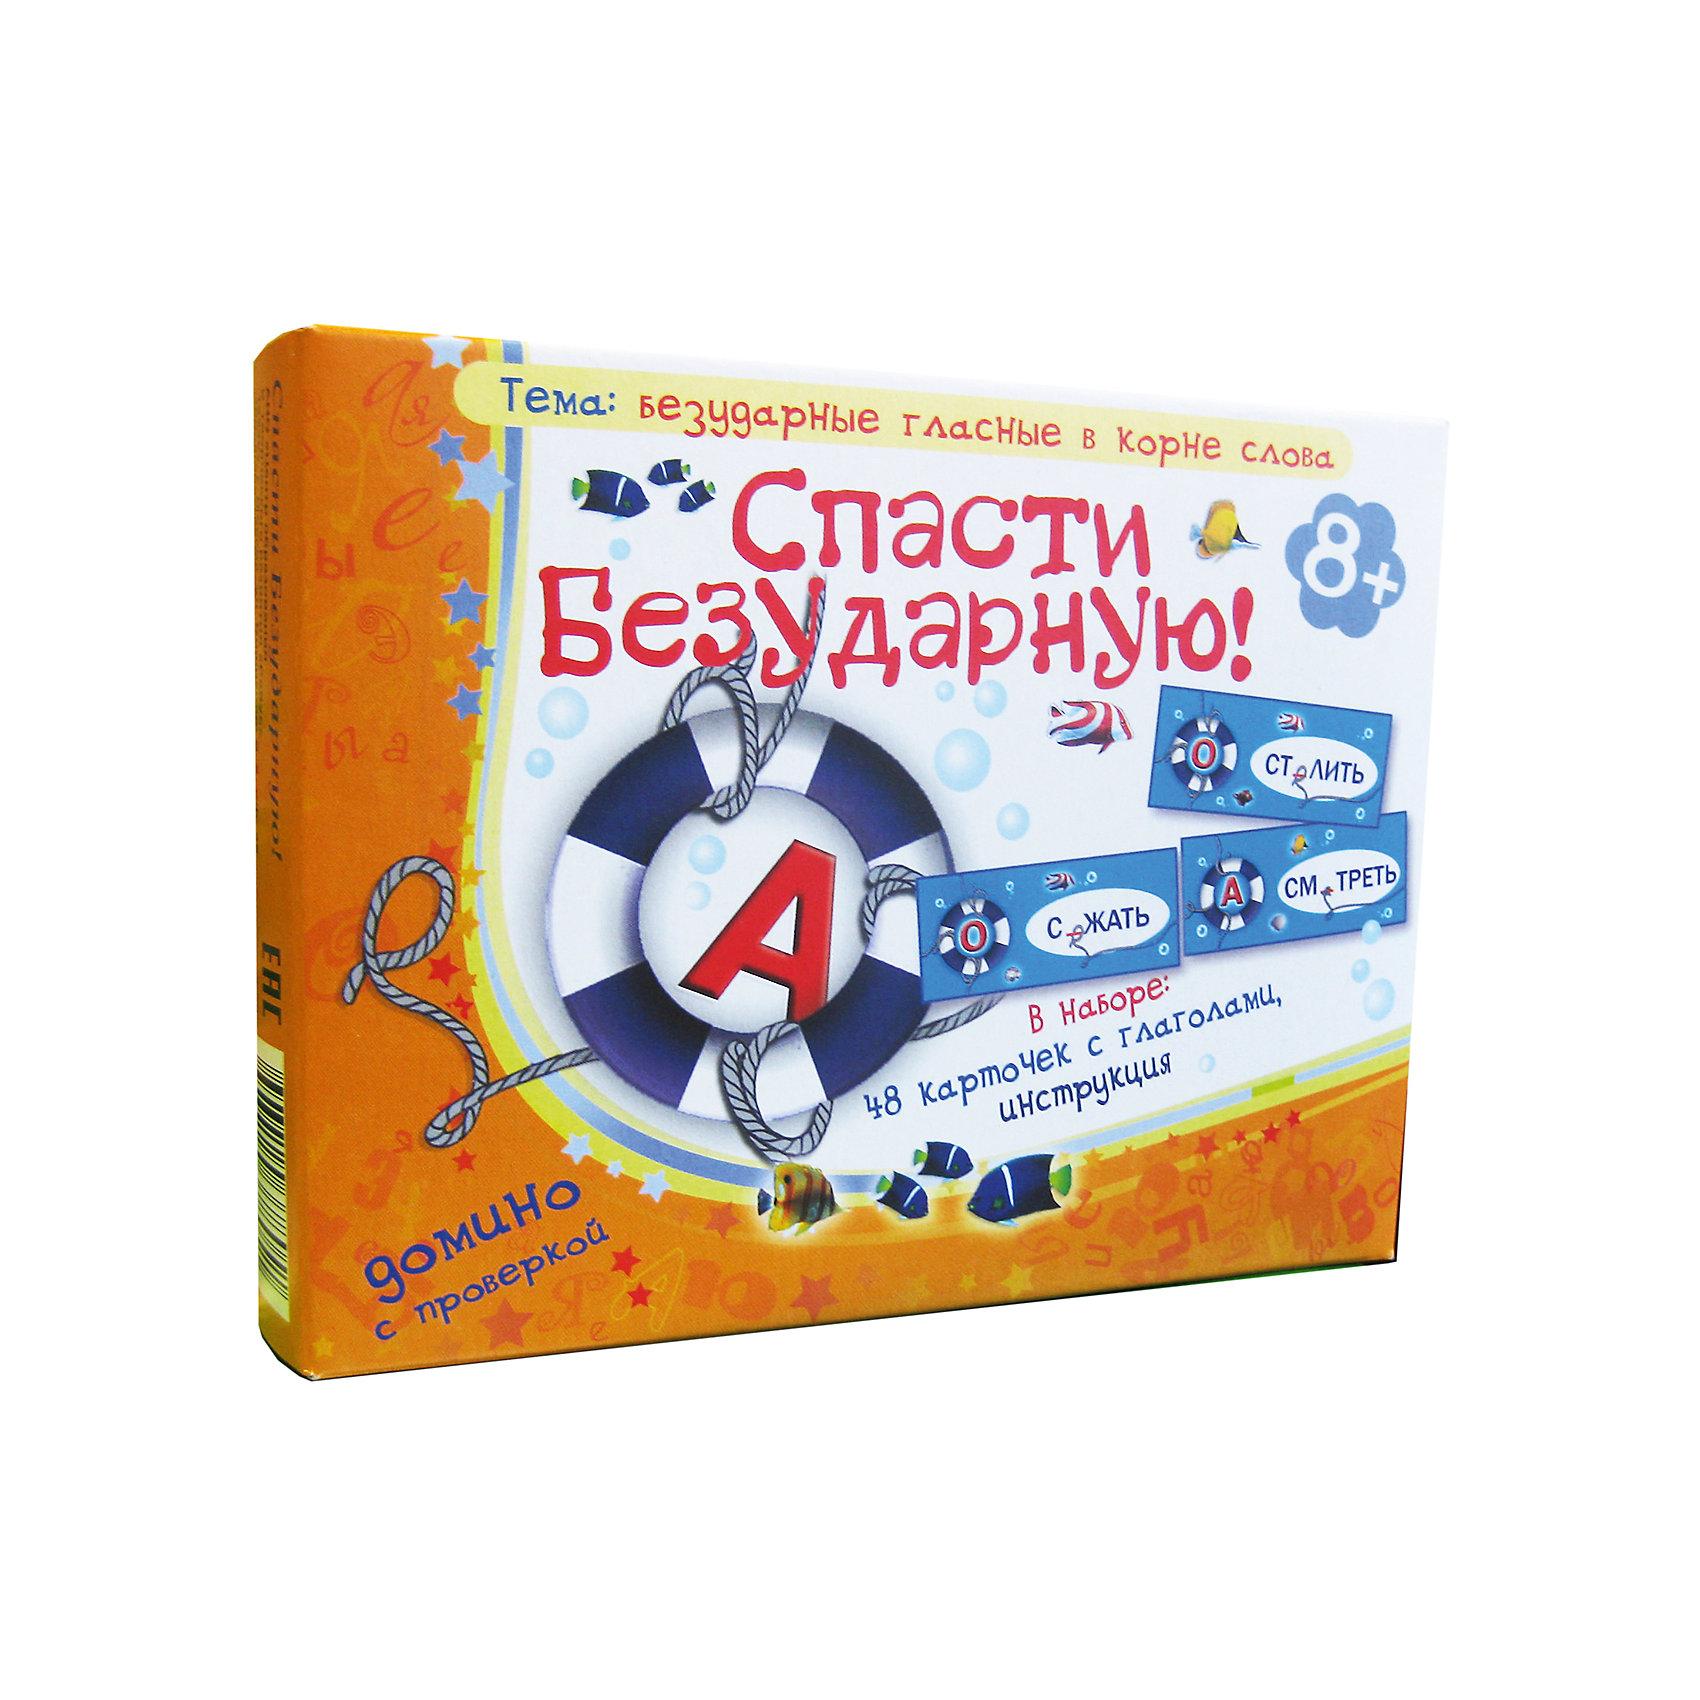 Спасти Безударную!, Игротека Татьяны БарчанДомино<br>Спасти Безударную!, Игротека Татьяны Барчан.<br><br>Характеристики:<br><br>• Для детей в возрасте: от 8 лет<br>• В комплекте: 48 карточек-домино со словами (глаголами), в которых пропущена гласная буква в корне, инструкция<br>• Тема: Безударные гласные в корне слова<br>• Материал: плотный качественный картон<br>• Производитель: ЦОТР Ребус (Россия)<br>• Упаковка: картонная коробка<br>• Размер упаковки: 135х180х40 мм.<br>• Вес: 242 гр.<br><br>«Спасти Безударную!» - игра, в которой «спасателям» необходимо правильно вставить пропущенную букву в слово «с пробоиной». В наборе 48 карточек-домино. Каждая карточка, как и в обычном домино, разделена на две части. <br><br>Справа на карточке глагол, в котором пропущена гласная буква в корне, слева – буква, нарисованная в спасательном круге. Задача игрока найти пропущенную букву и правильно расположить карточки. Ошибку можно увидеть сразу – по несовпадению канатов, держащих «спасательный круг» с гласной буквой. <br><br>В процессе игры дети закрепляют навык подбора проверочных слов при написании безударных гласных, развивают внимание и память, расширяют словарный запас, учатся проверять свои знания самостоятельно.<br><br>Игру Спасти Безударную!, Игротека Татьяны Барчан можно купить в нашем интернет-магазине.<br><br>Ширина мм: 180<br>Глубина мм: 135<br>Высота мм: 40<br>Вес г: 204<br>Возраст от месяцев: 84<br>Возраст до месяцев: 120<br>Пол: Унисекс<br>Возраст: Детский<br>SKU: 6751368